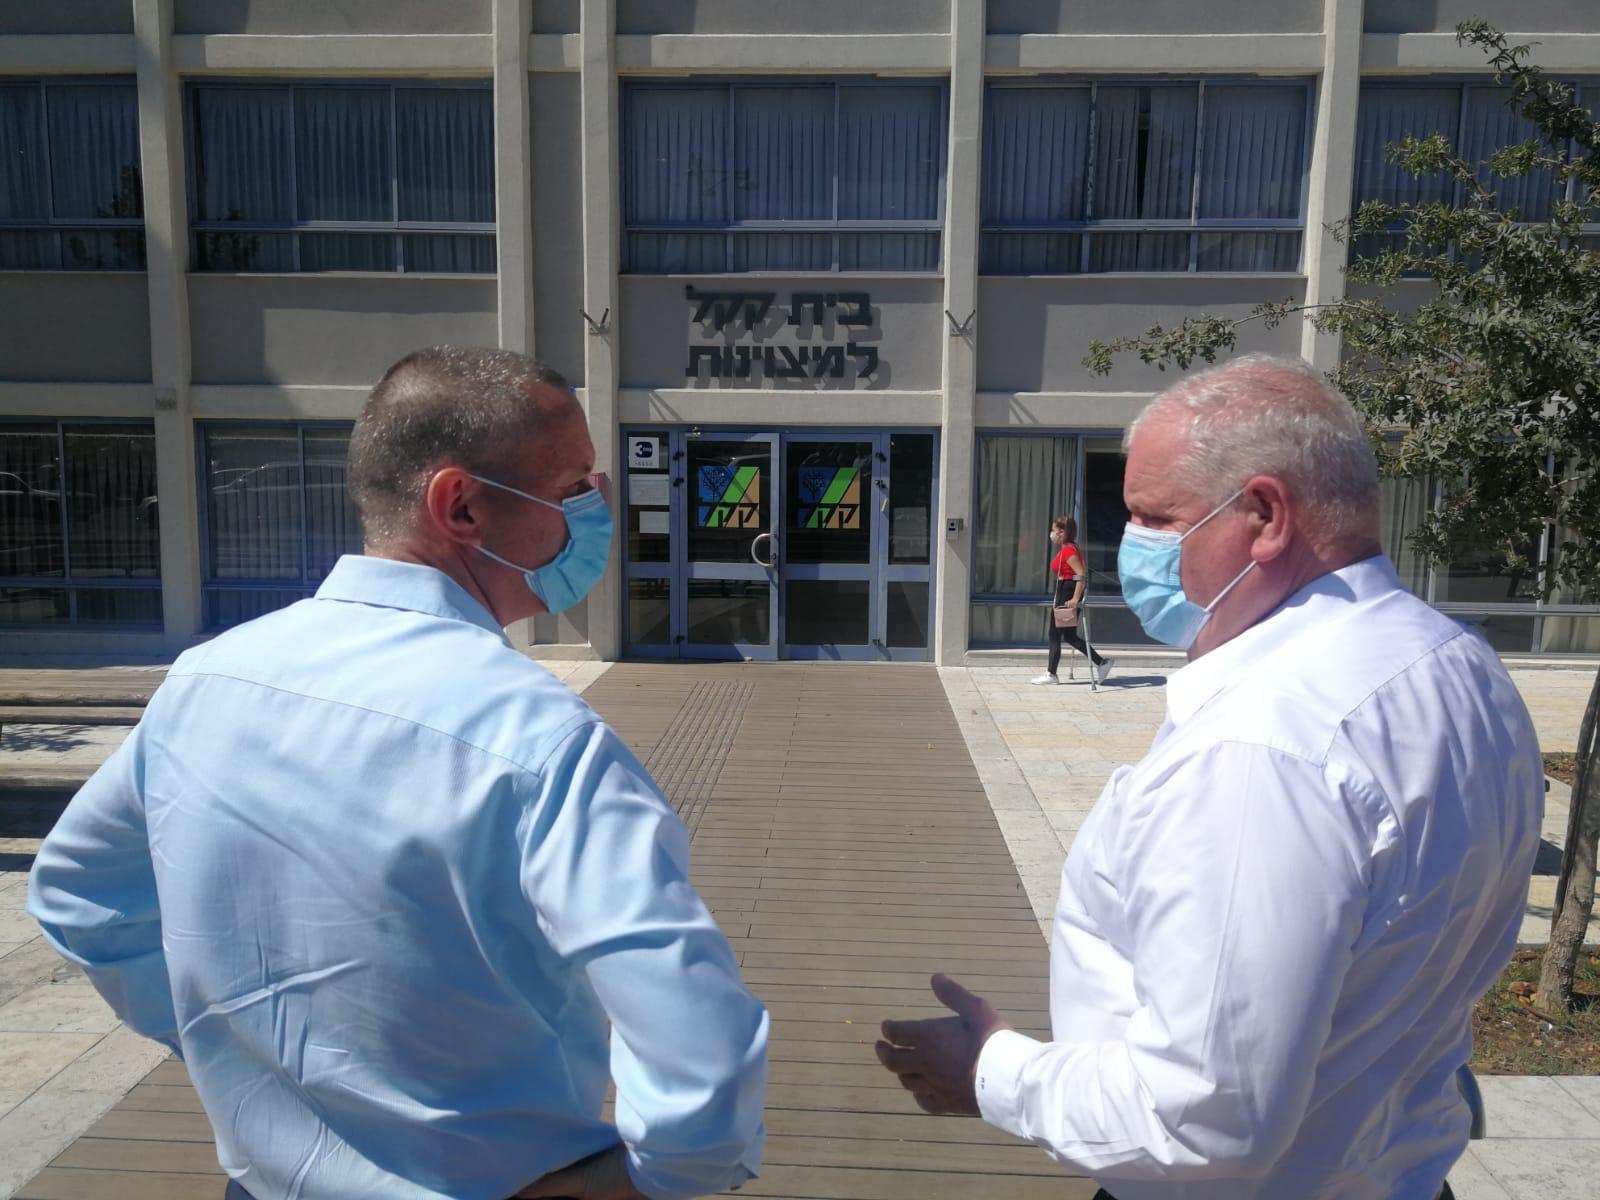 """שר המדע והטכנולוגיה ביקר בבית קק""""ל למצוינות בנוף הגליל: """"מעורר השראה"""""""